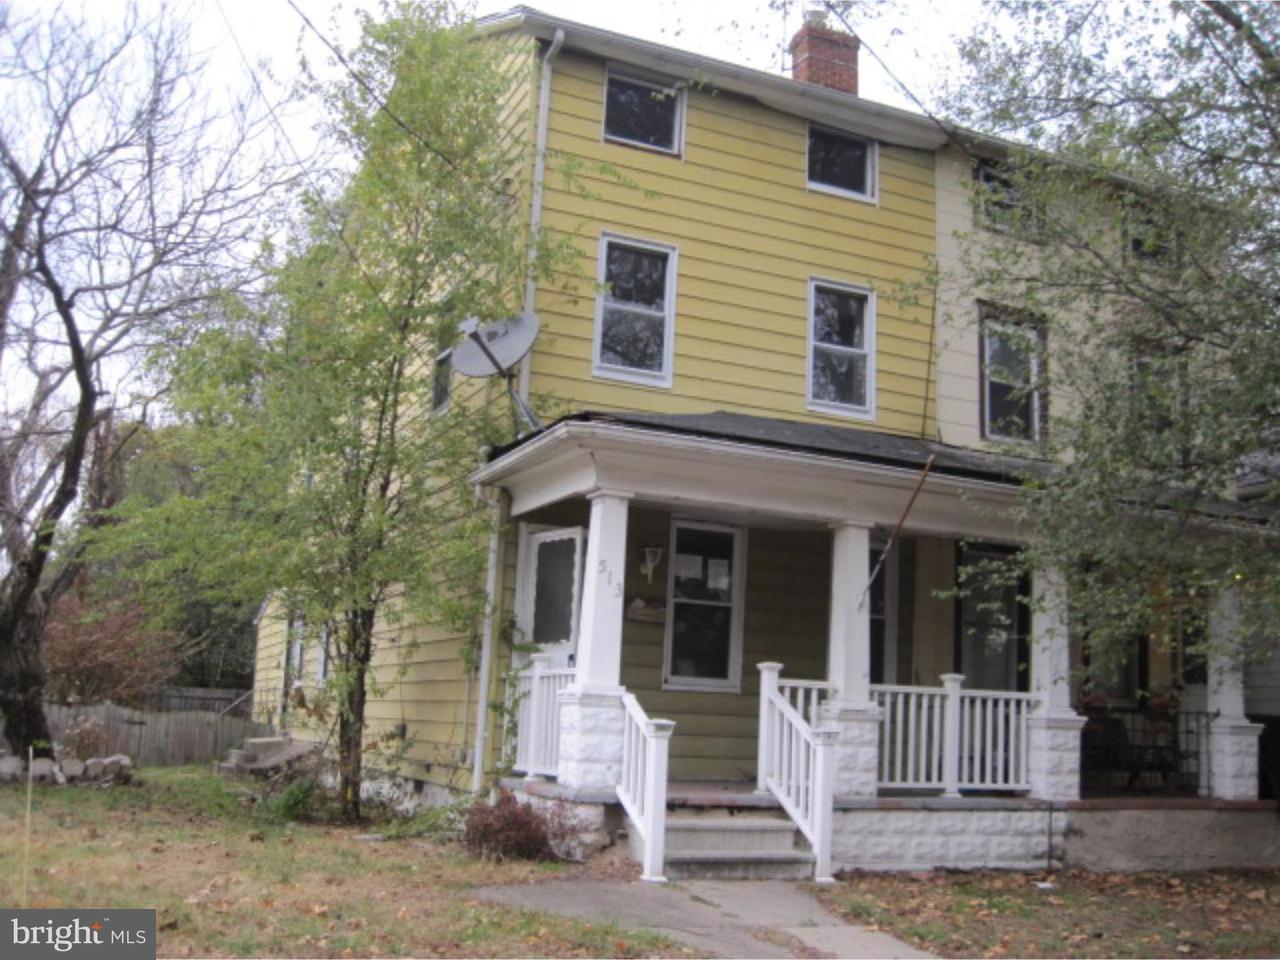 联栋屋 为 销售 在 513 WARREN Street Beverly, 新泽西州 08010 美国